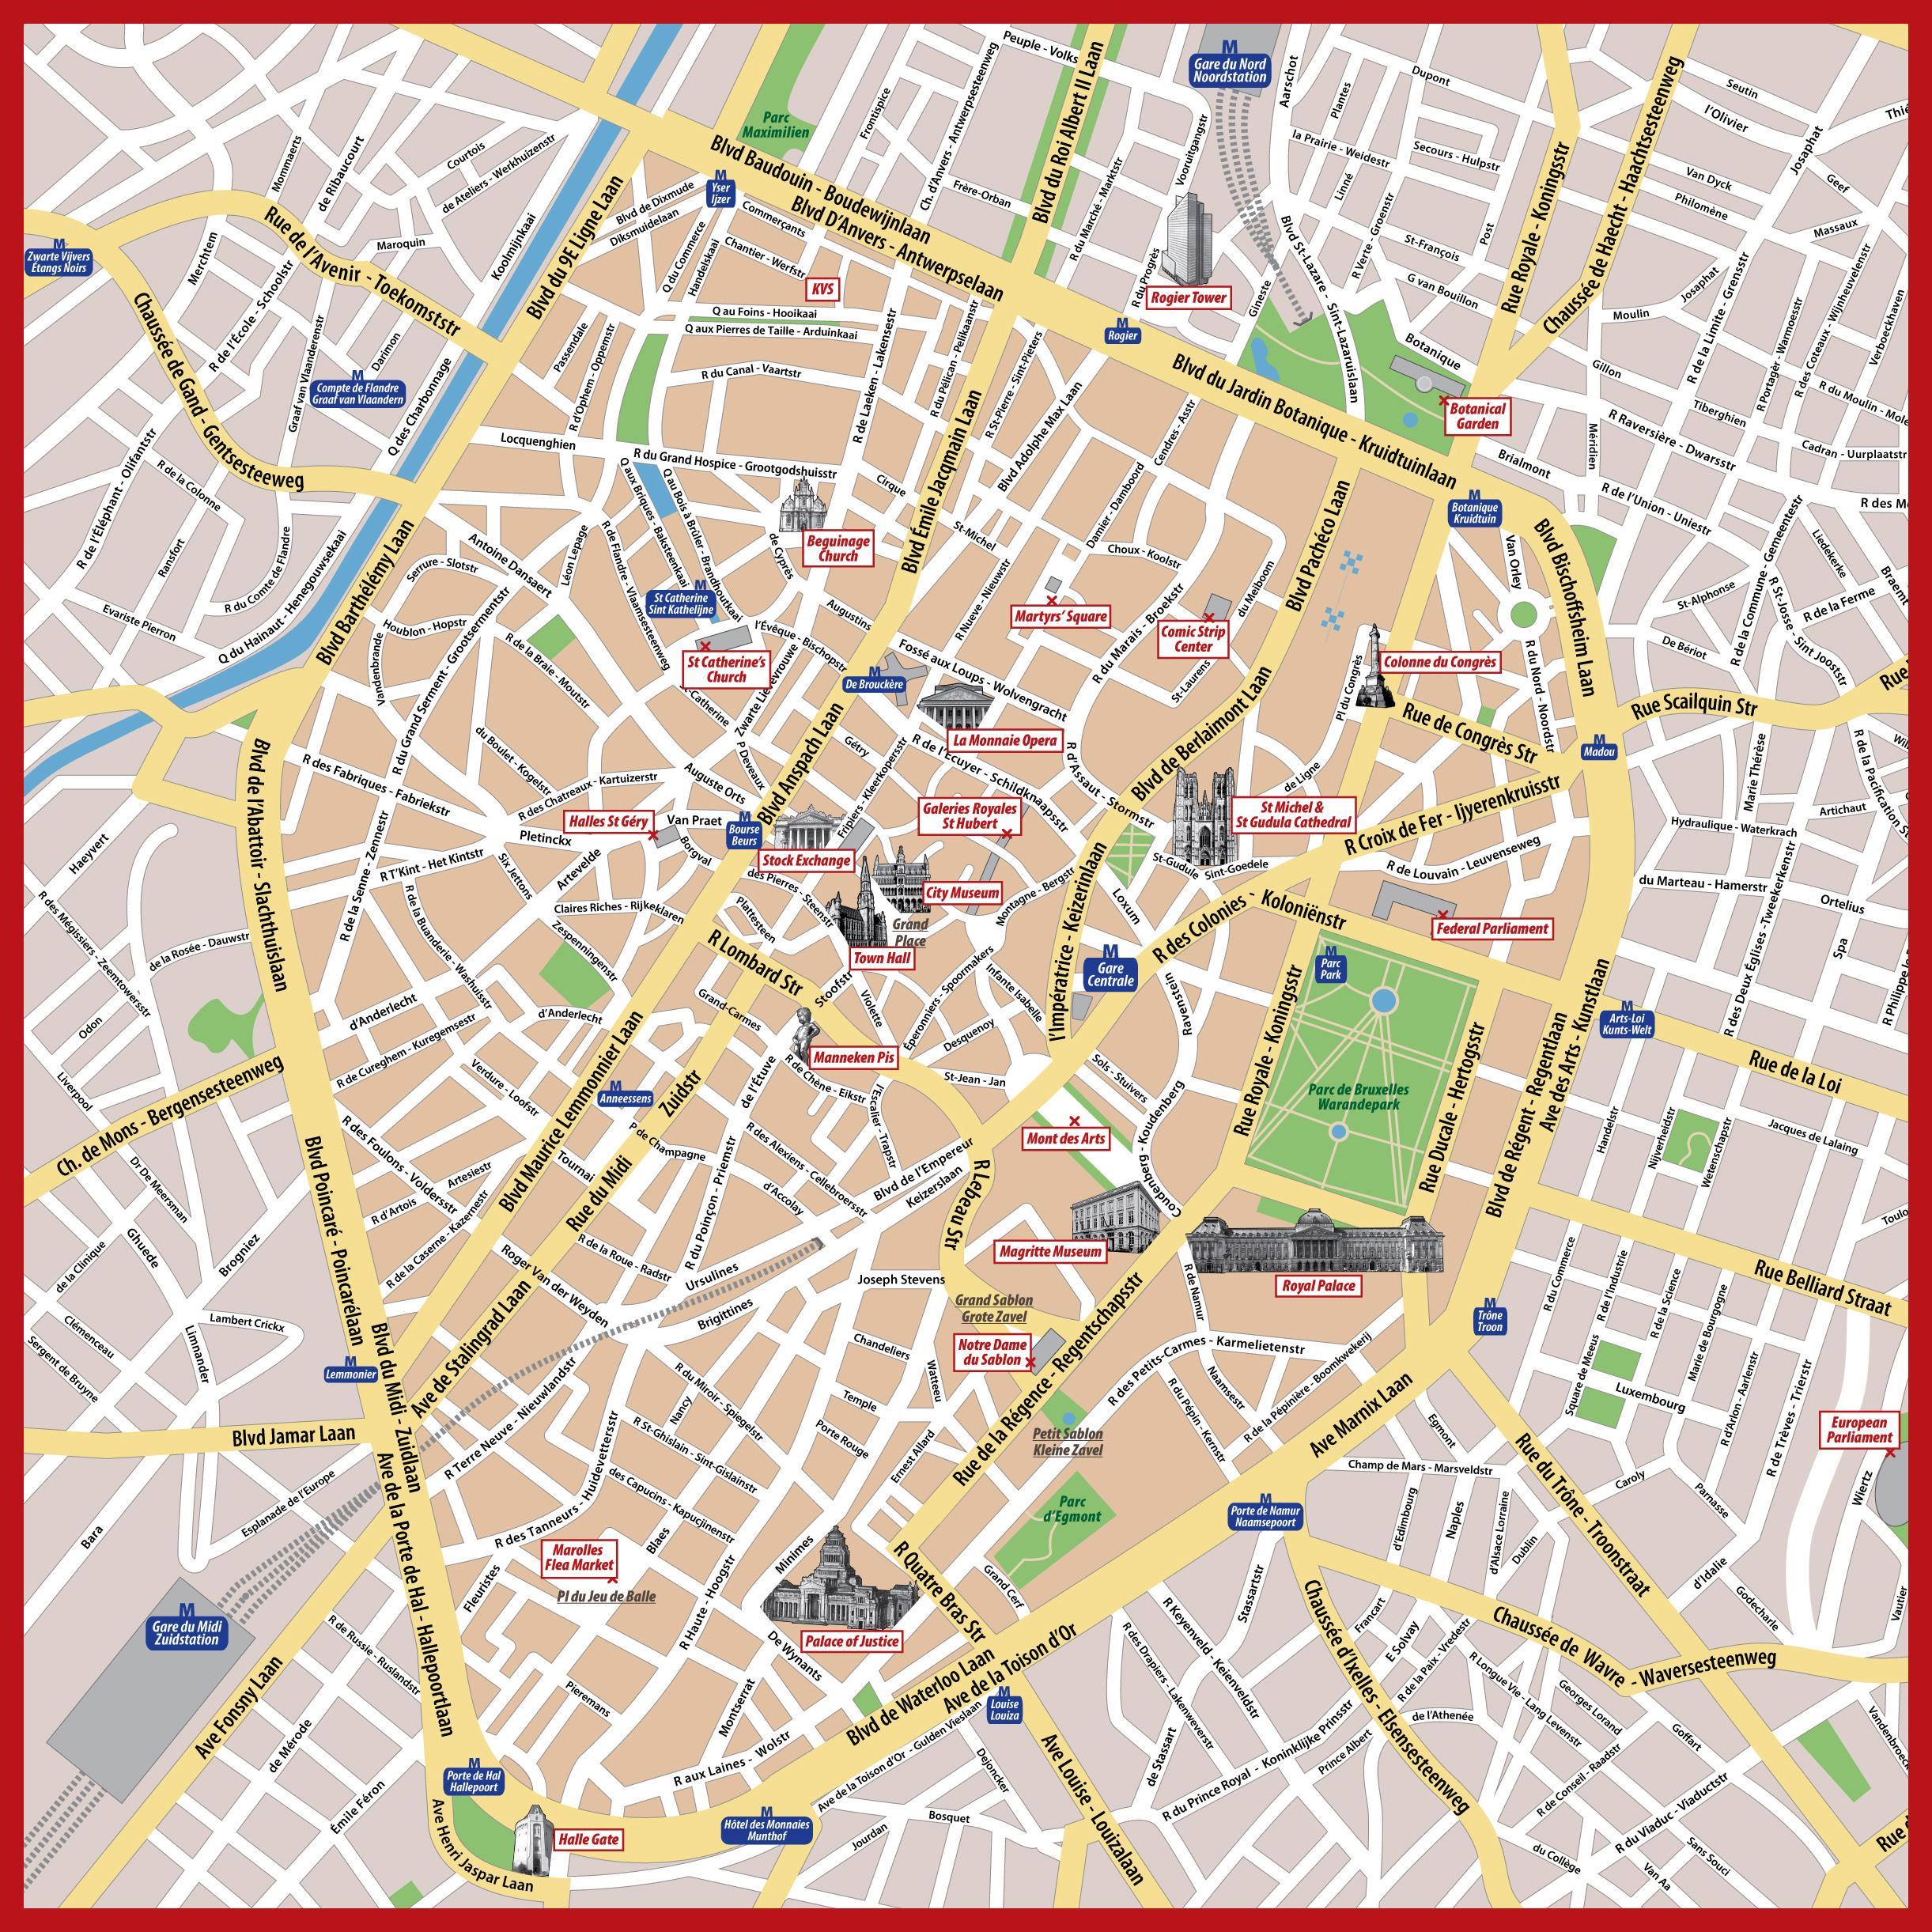 Bruxelles Visite A Pied De La Carte